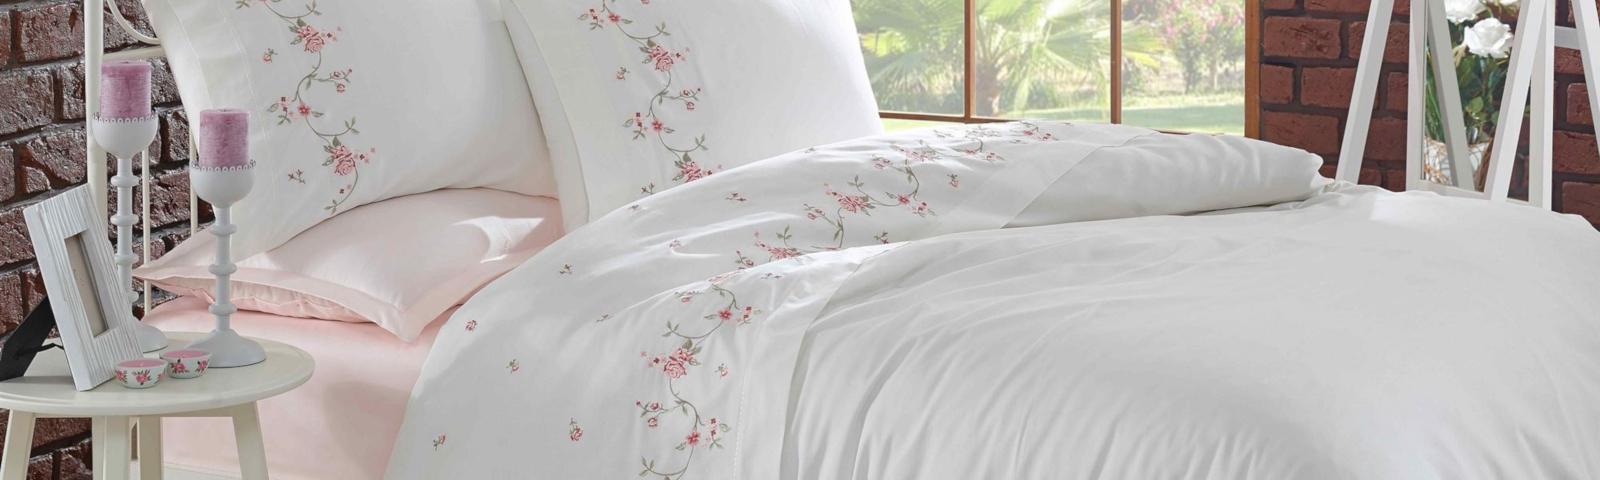 краксивое постельное белье фото